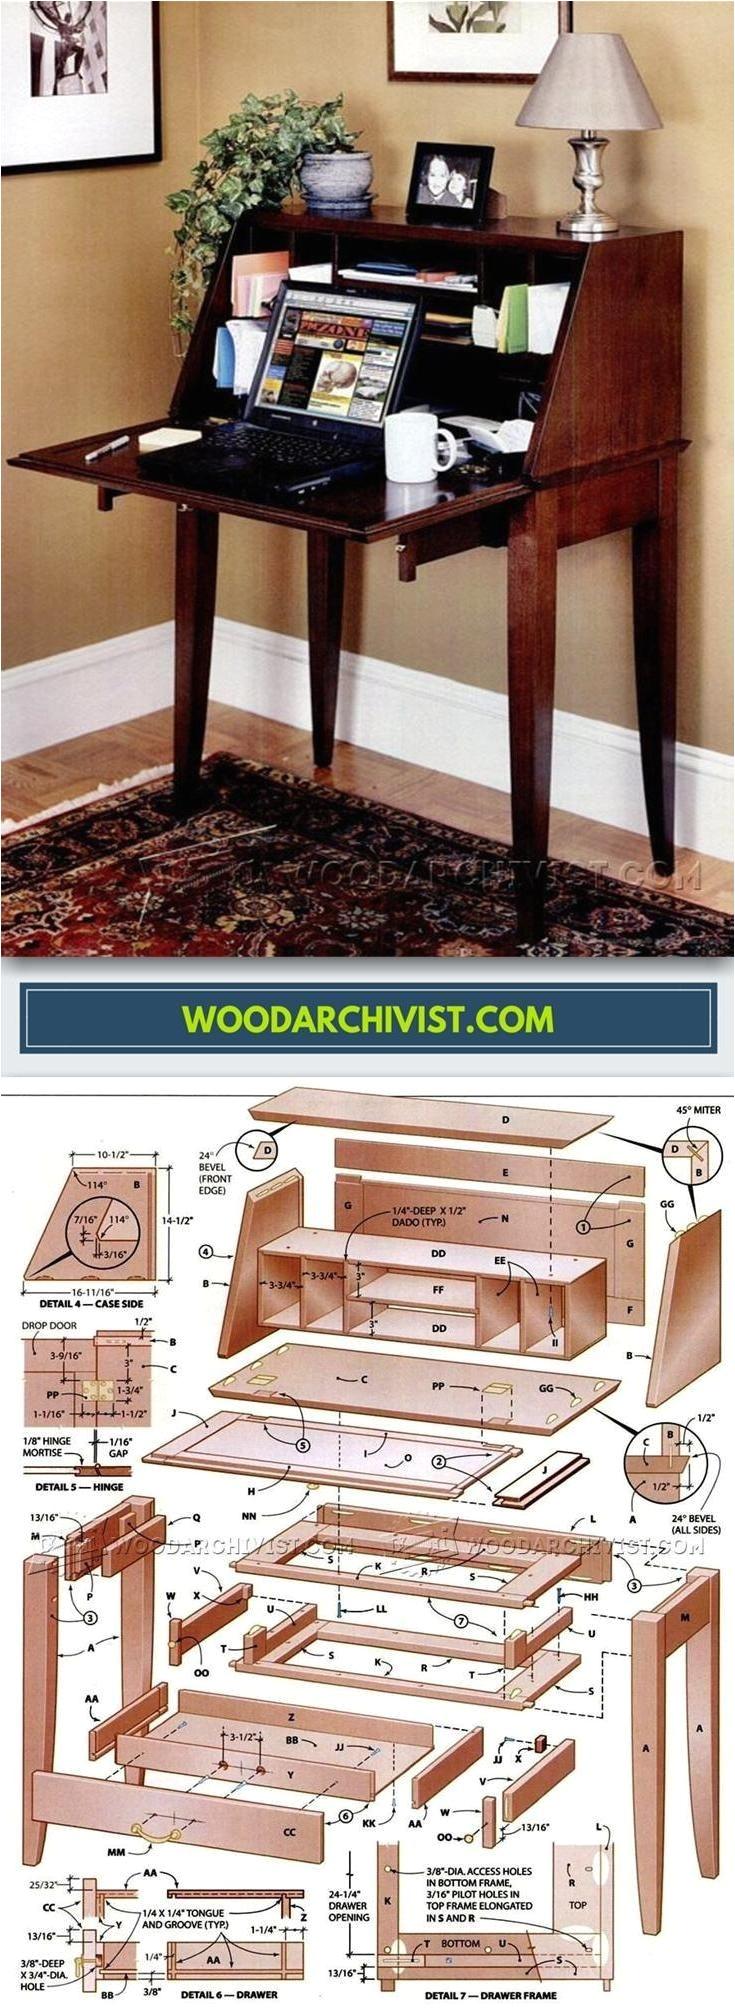 secretary desk plans furniture plans and projects woodarchivist com